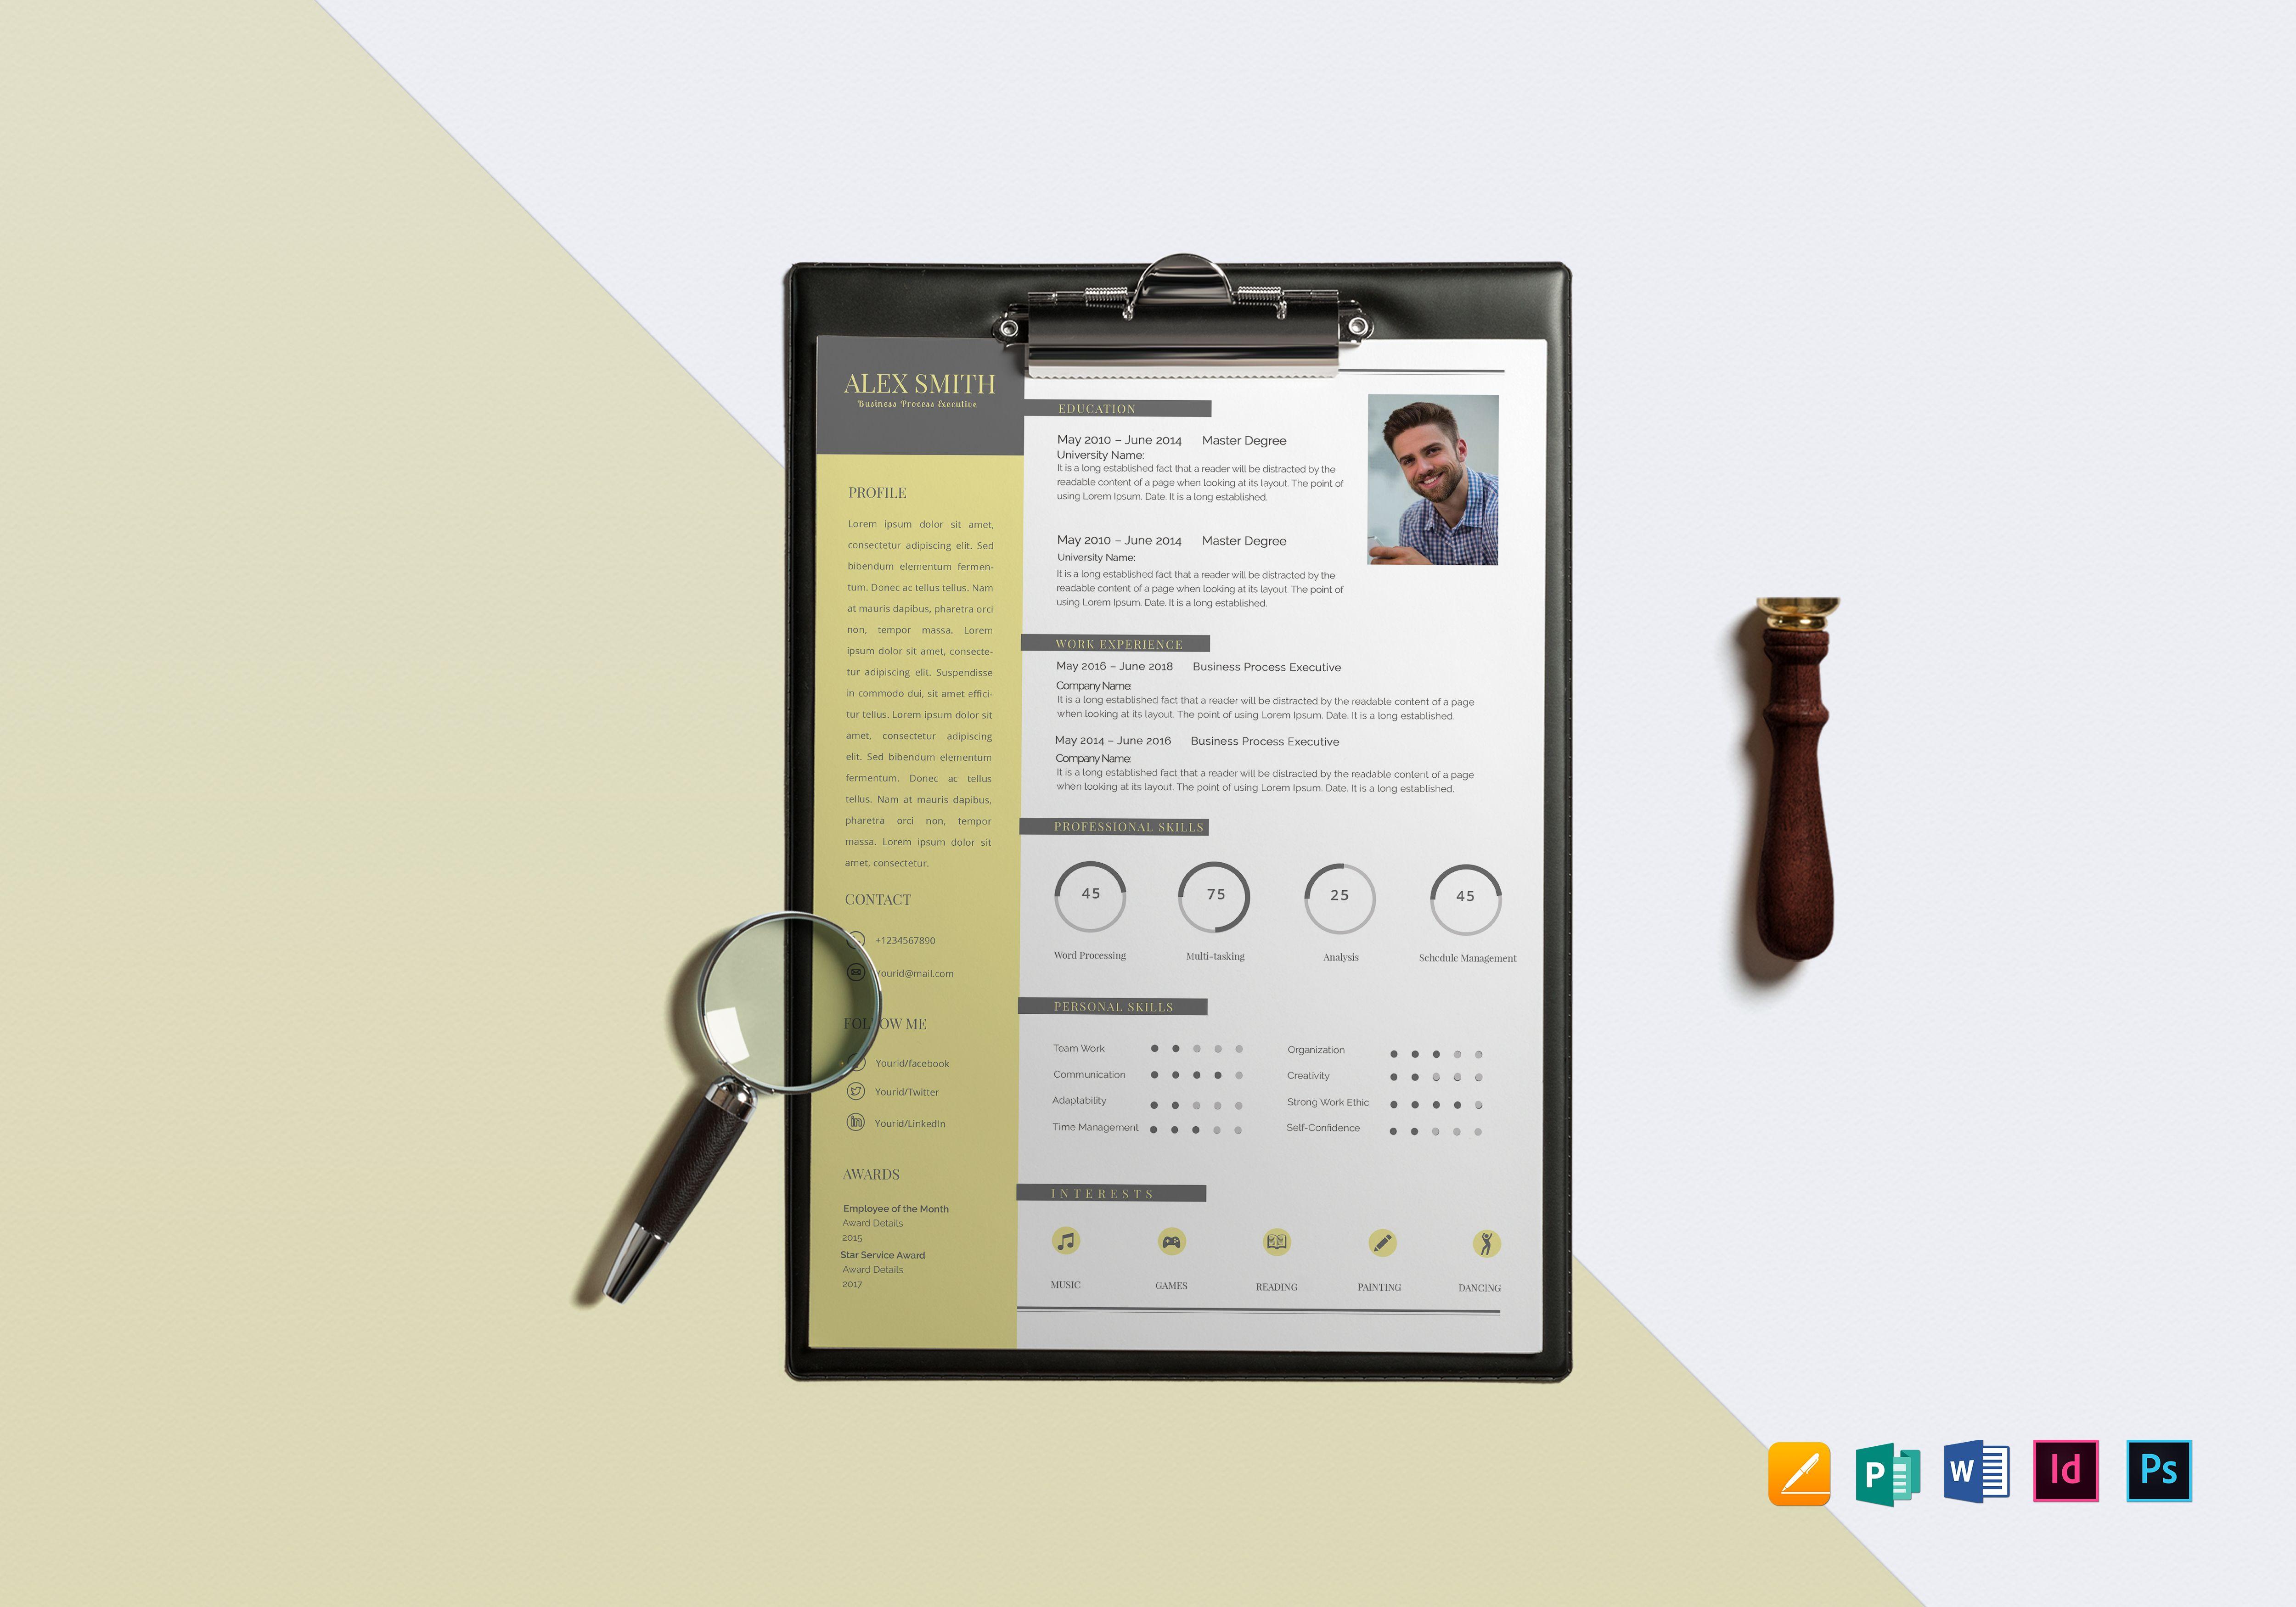 designer bpo resume template